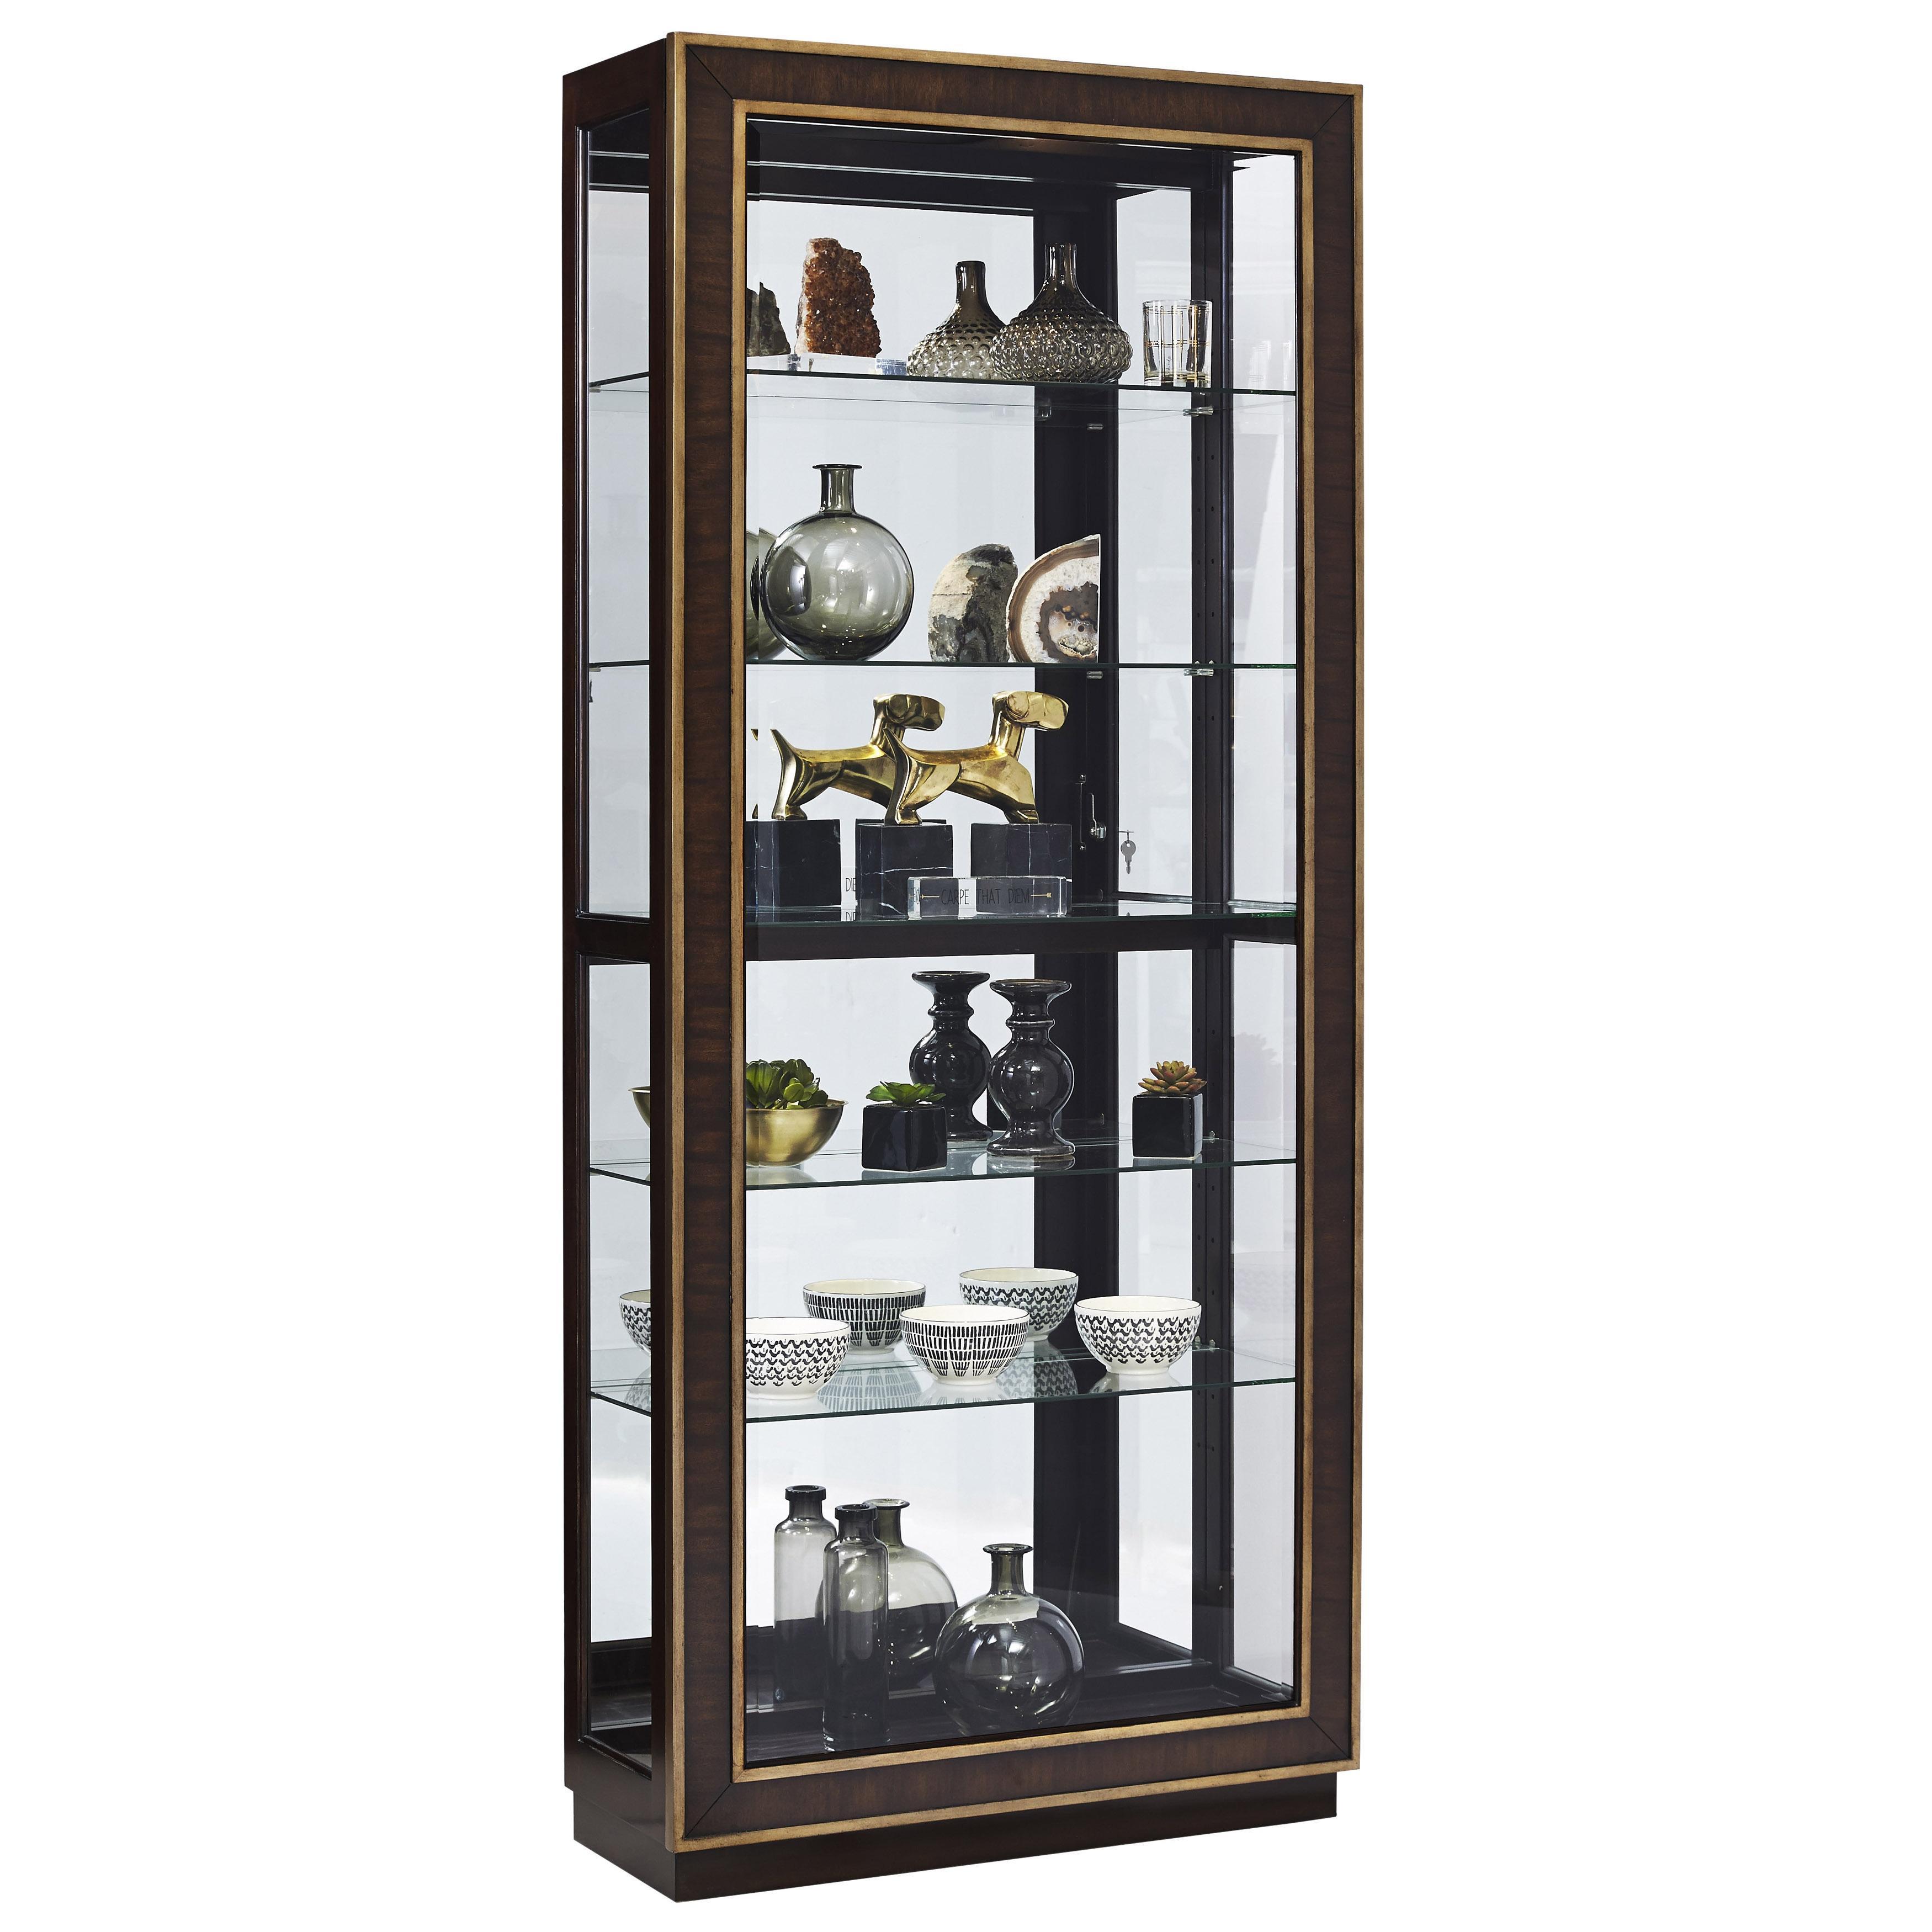 Pulaski curio cabinet parts | Cabinets & Storage | Compare Prices ...